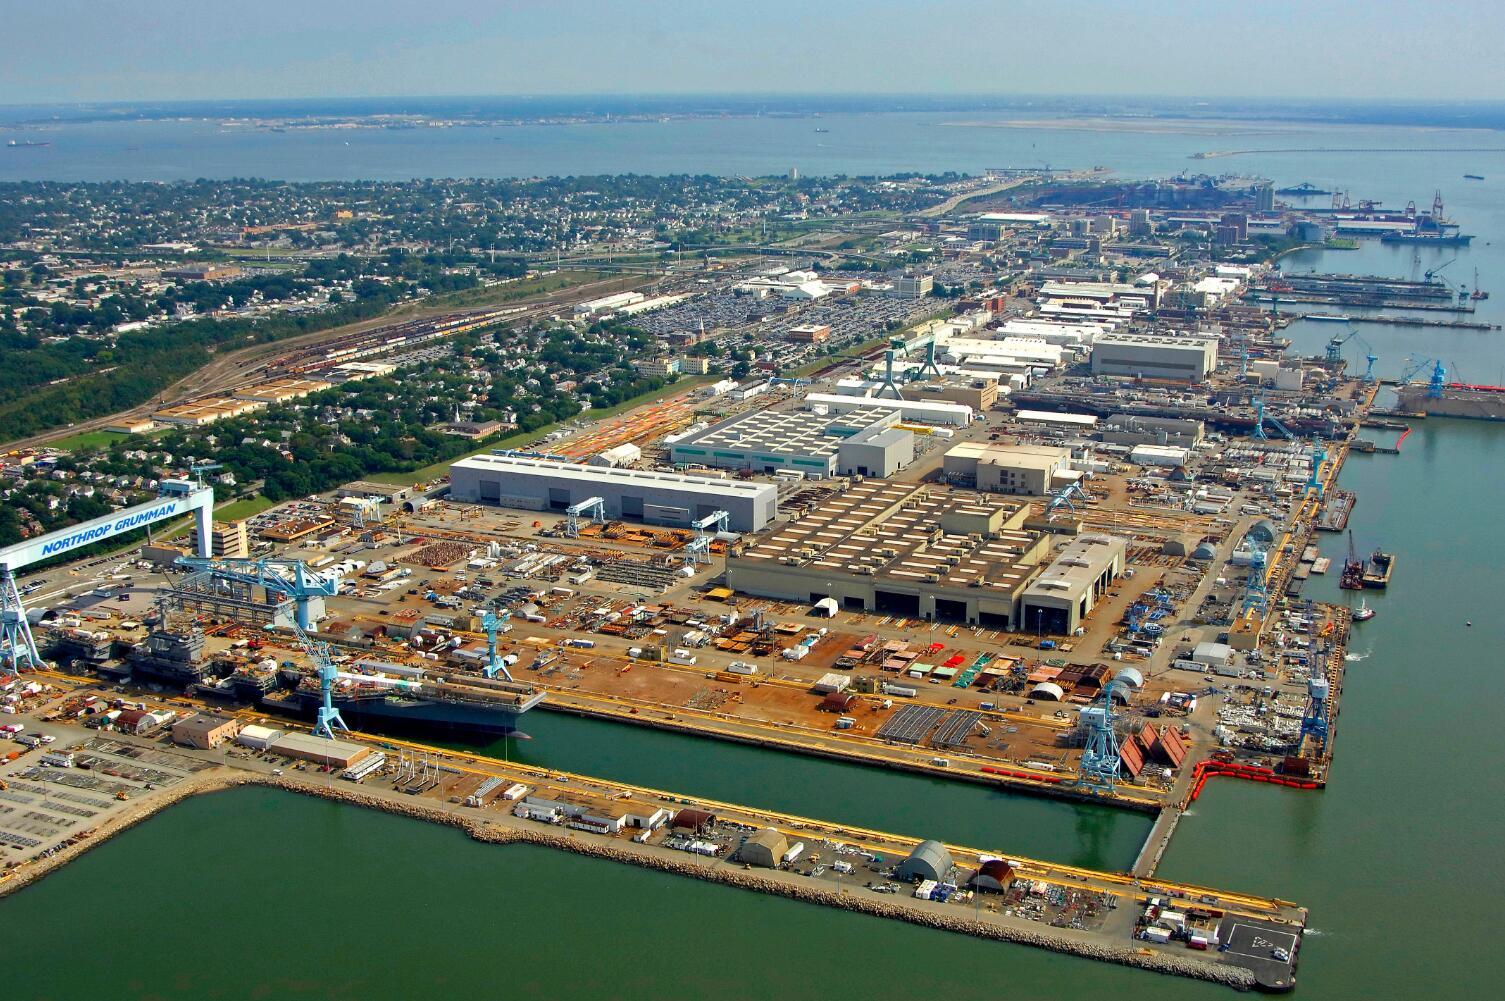 纽波特纽斯造船厂全景